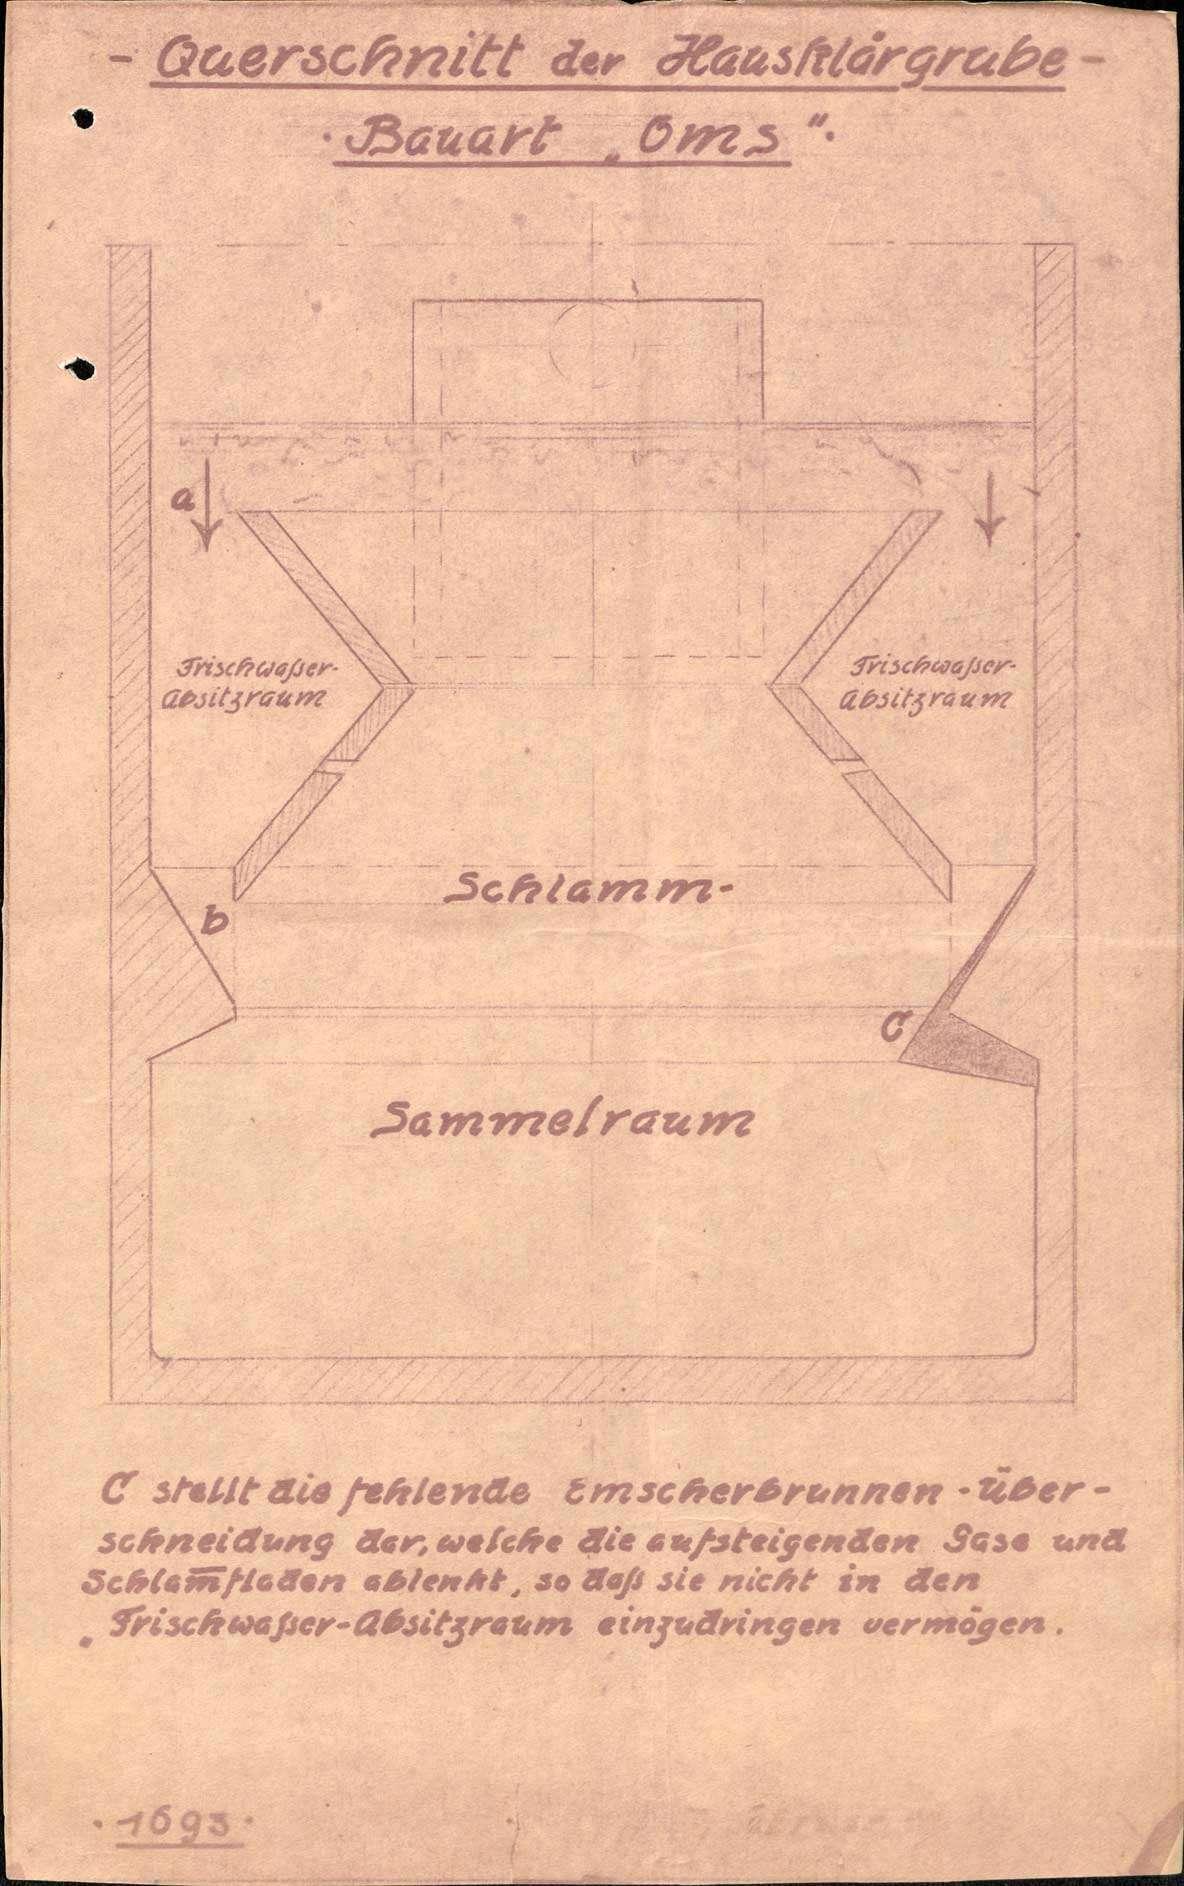 Sicherung der öffentlichen Gesundheit und Reinlichkeit im Amtsbezirk Lörrach, Bild 3